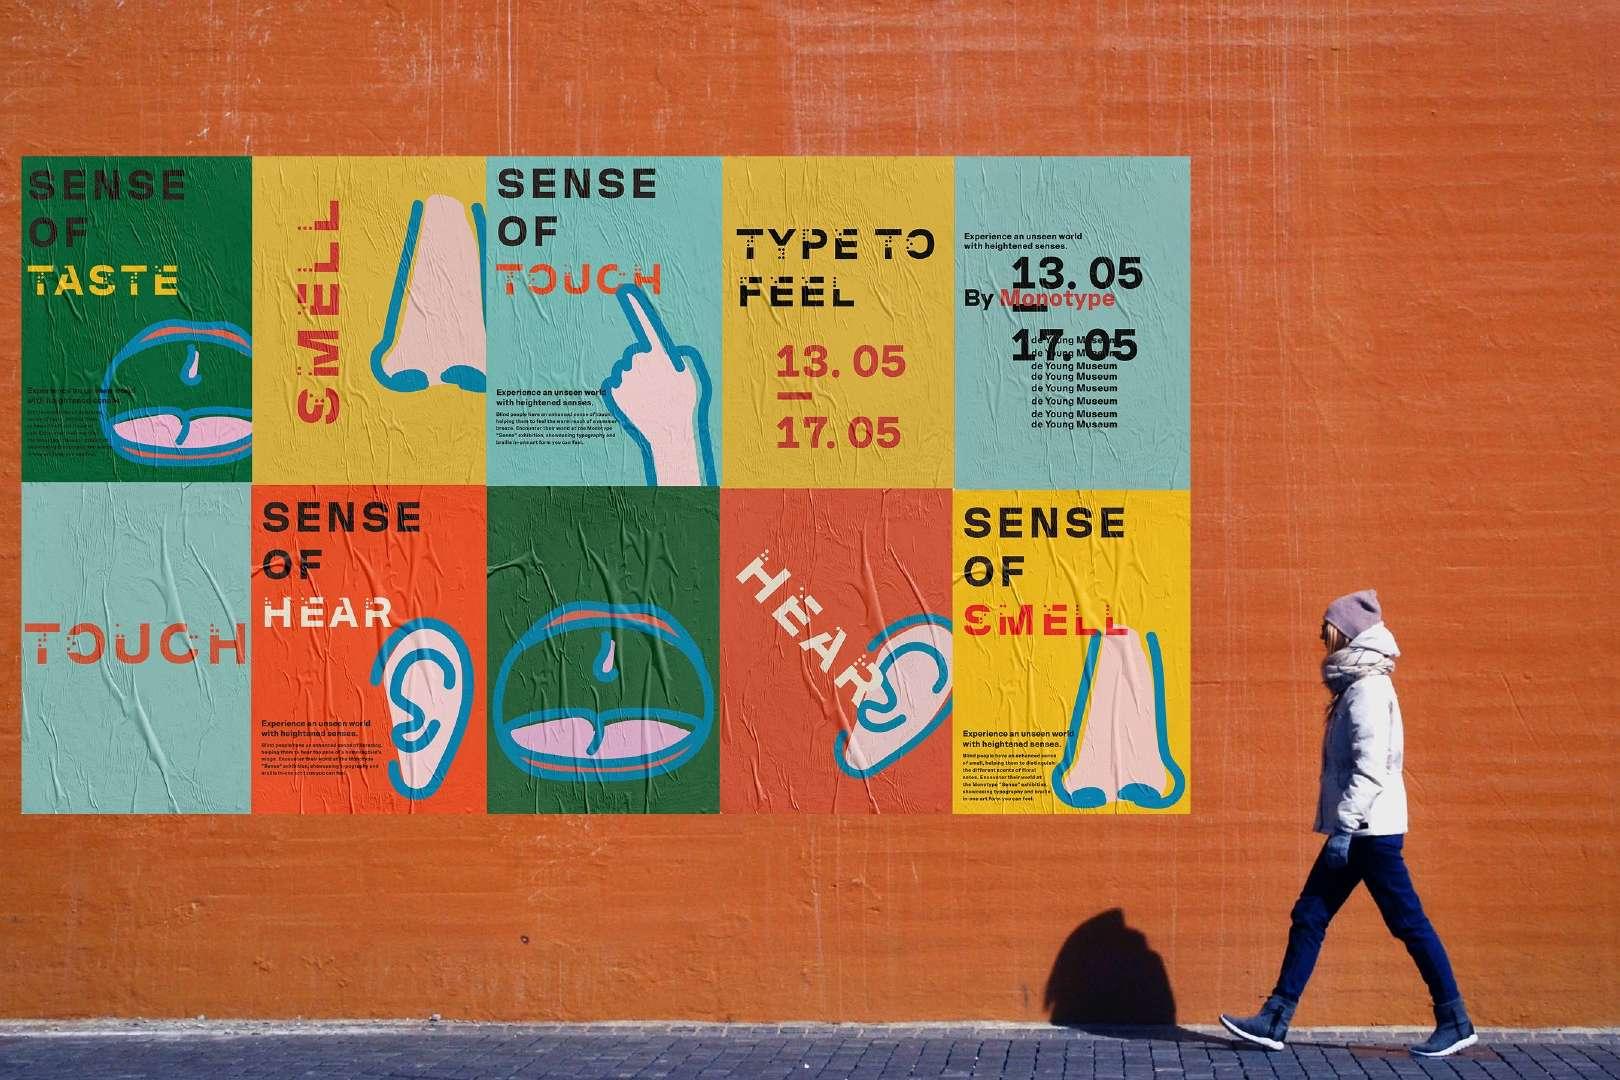 Design Trends Throwback_Monotype_Jane Liu, Tarence Sang, Yun Jo Wu, Jiyu Xia